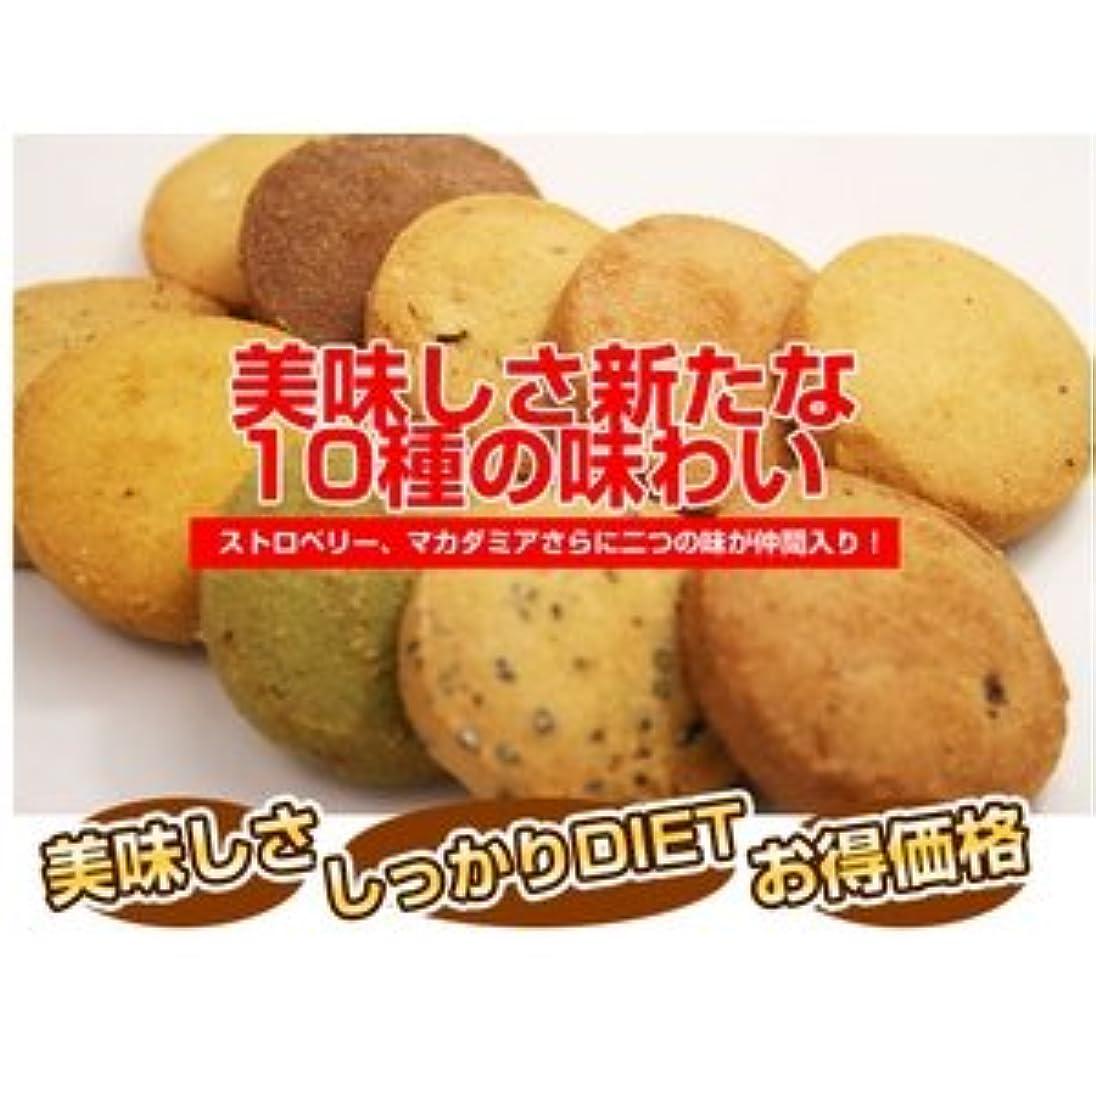 通路一般的な変更10種の豆乳おからクッキー 1kg(500g×2)